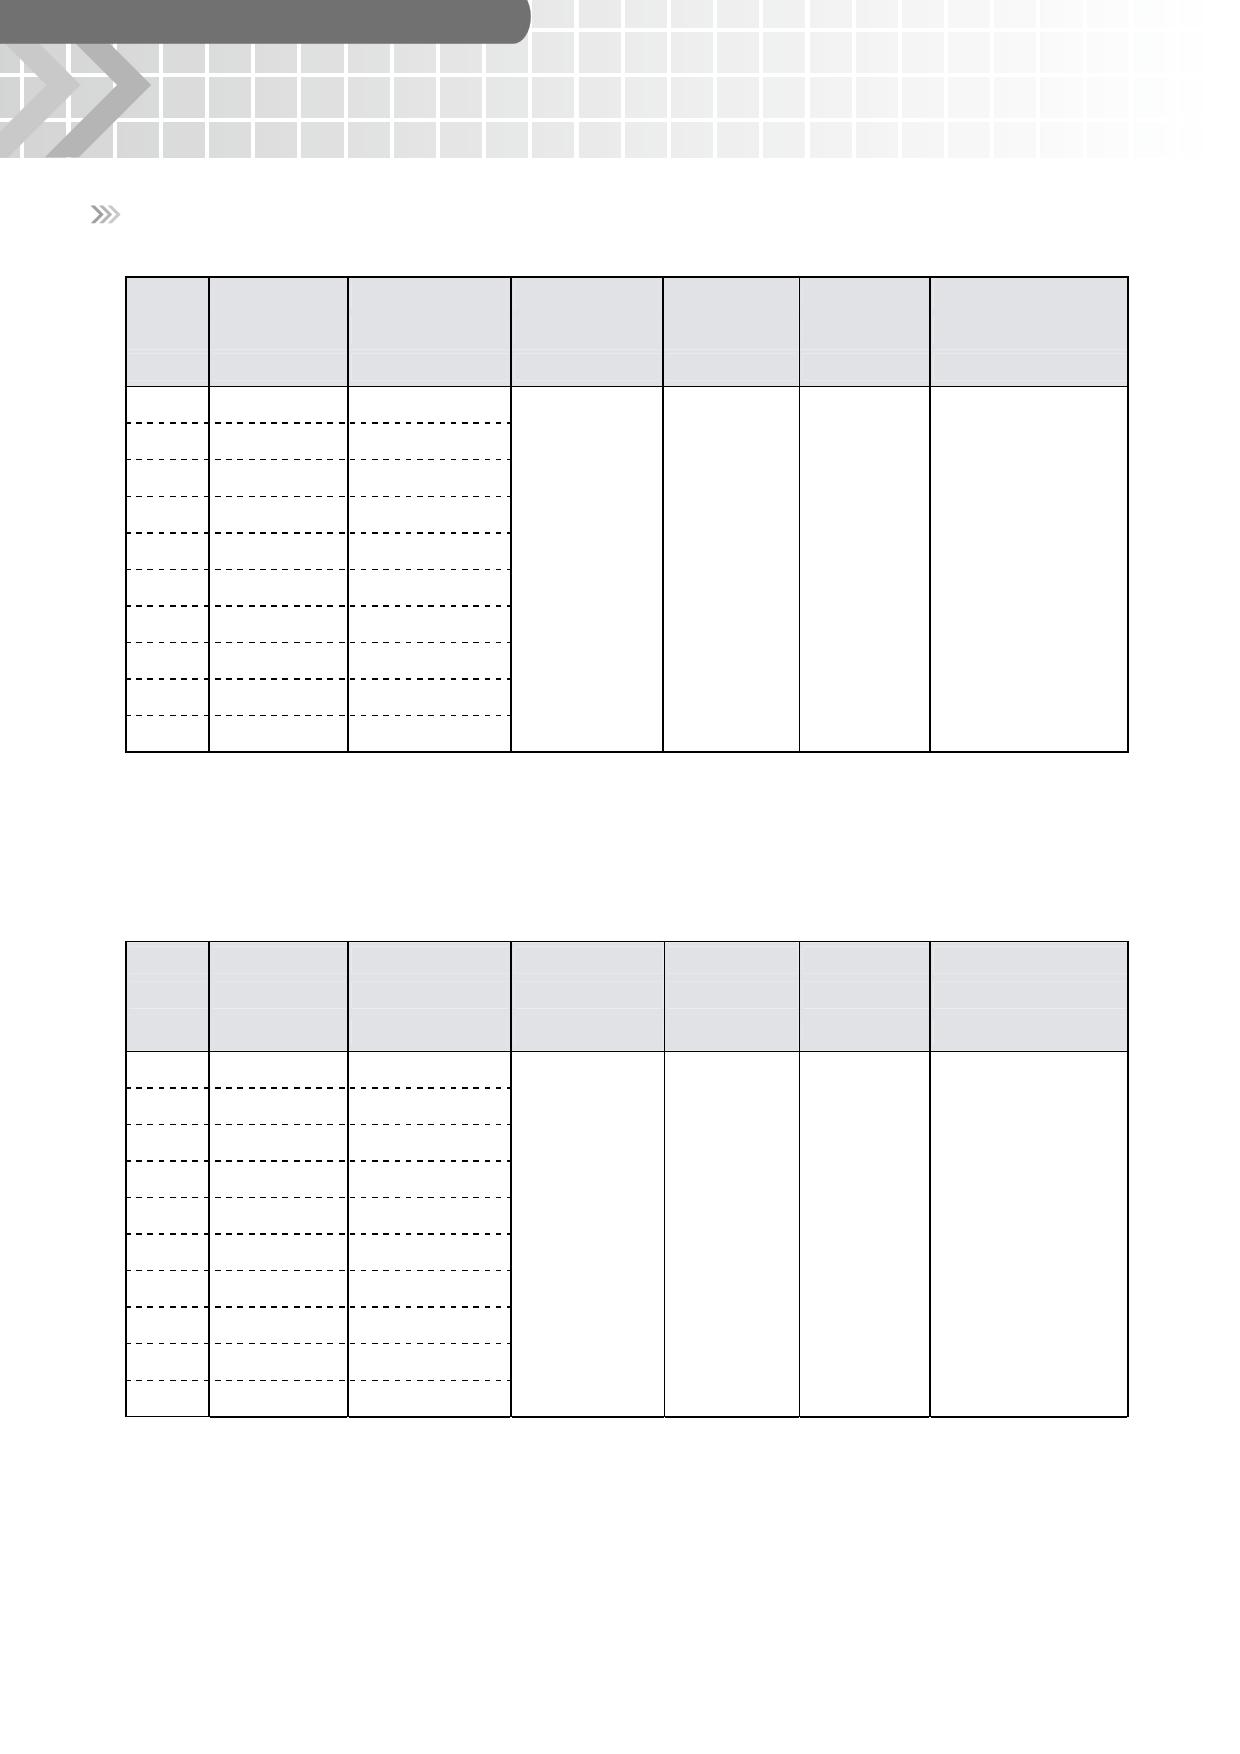 894-2ACA2-F-C pdf, ピン配列